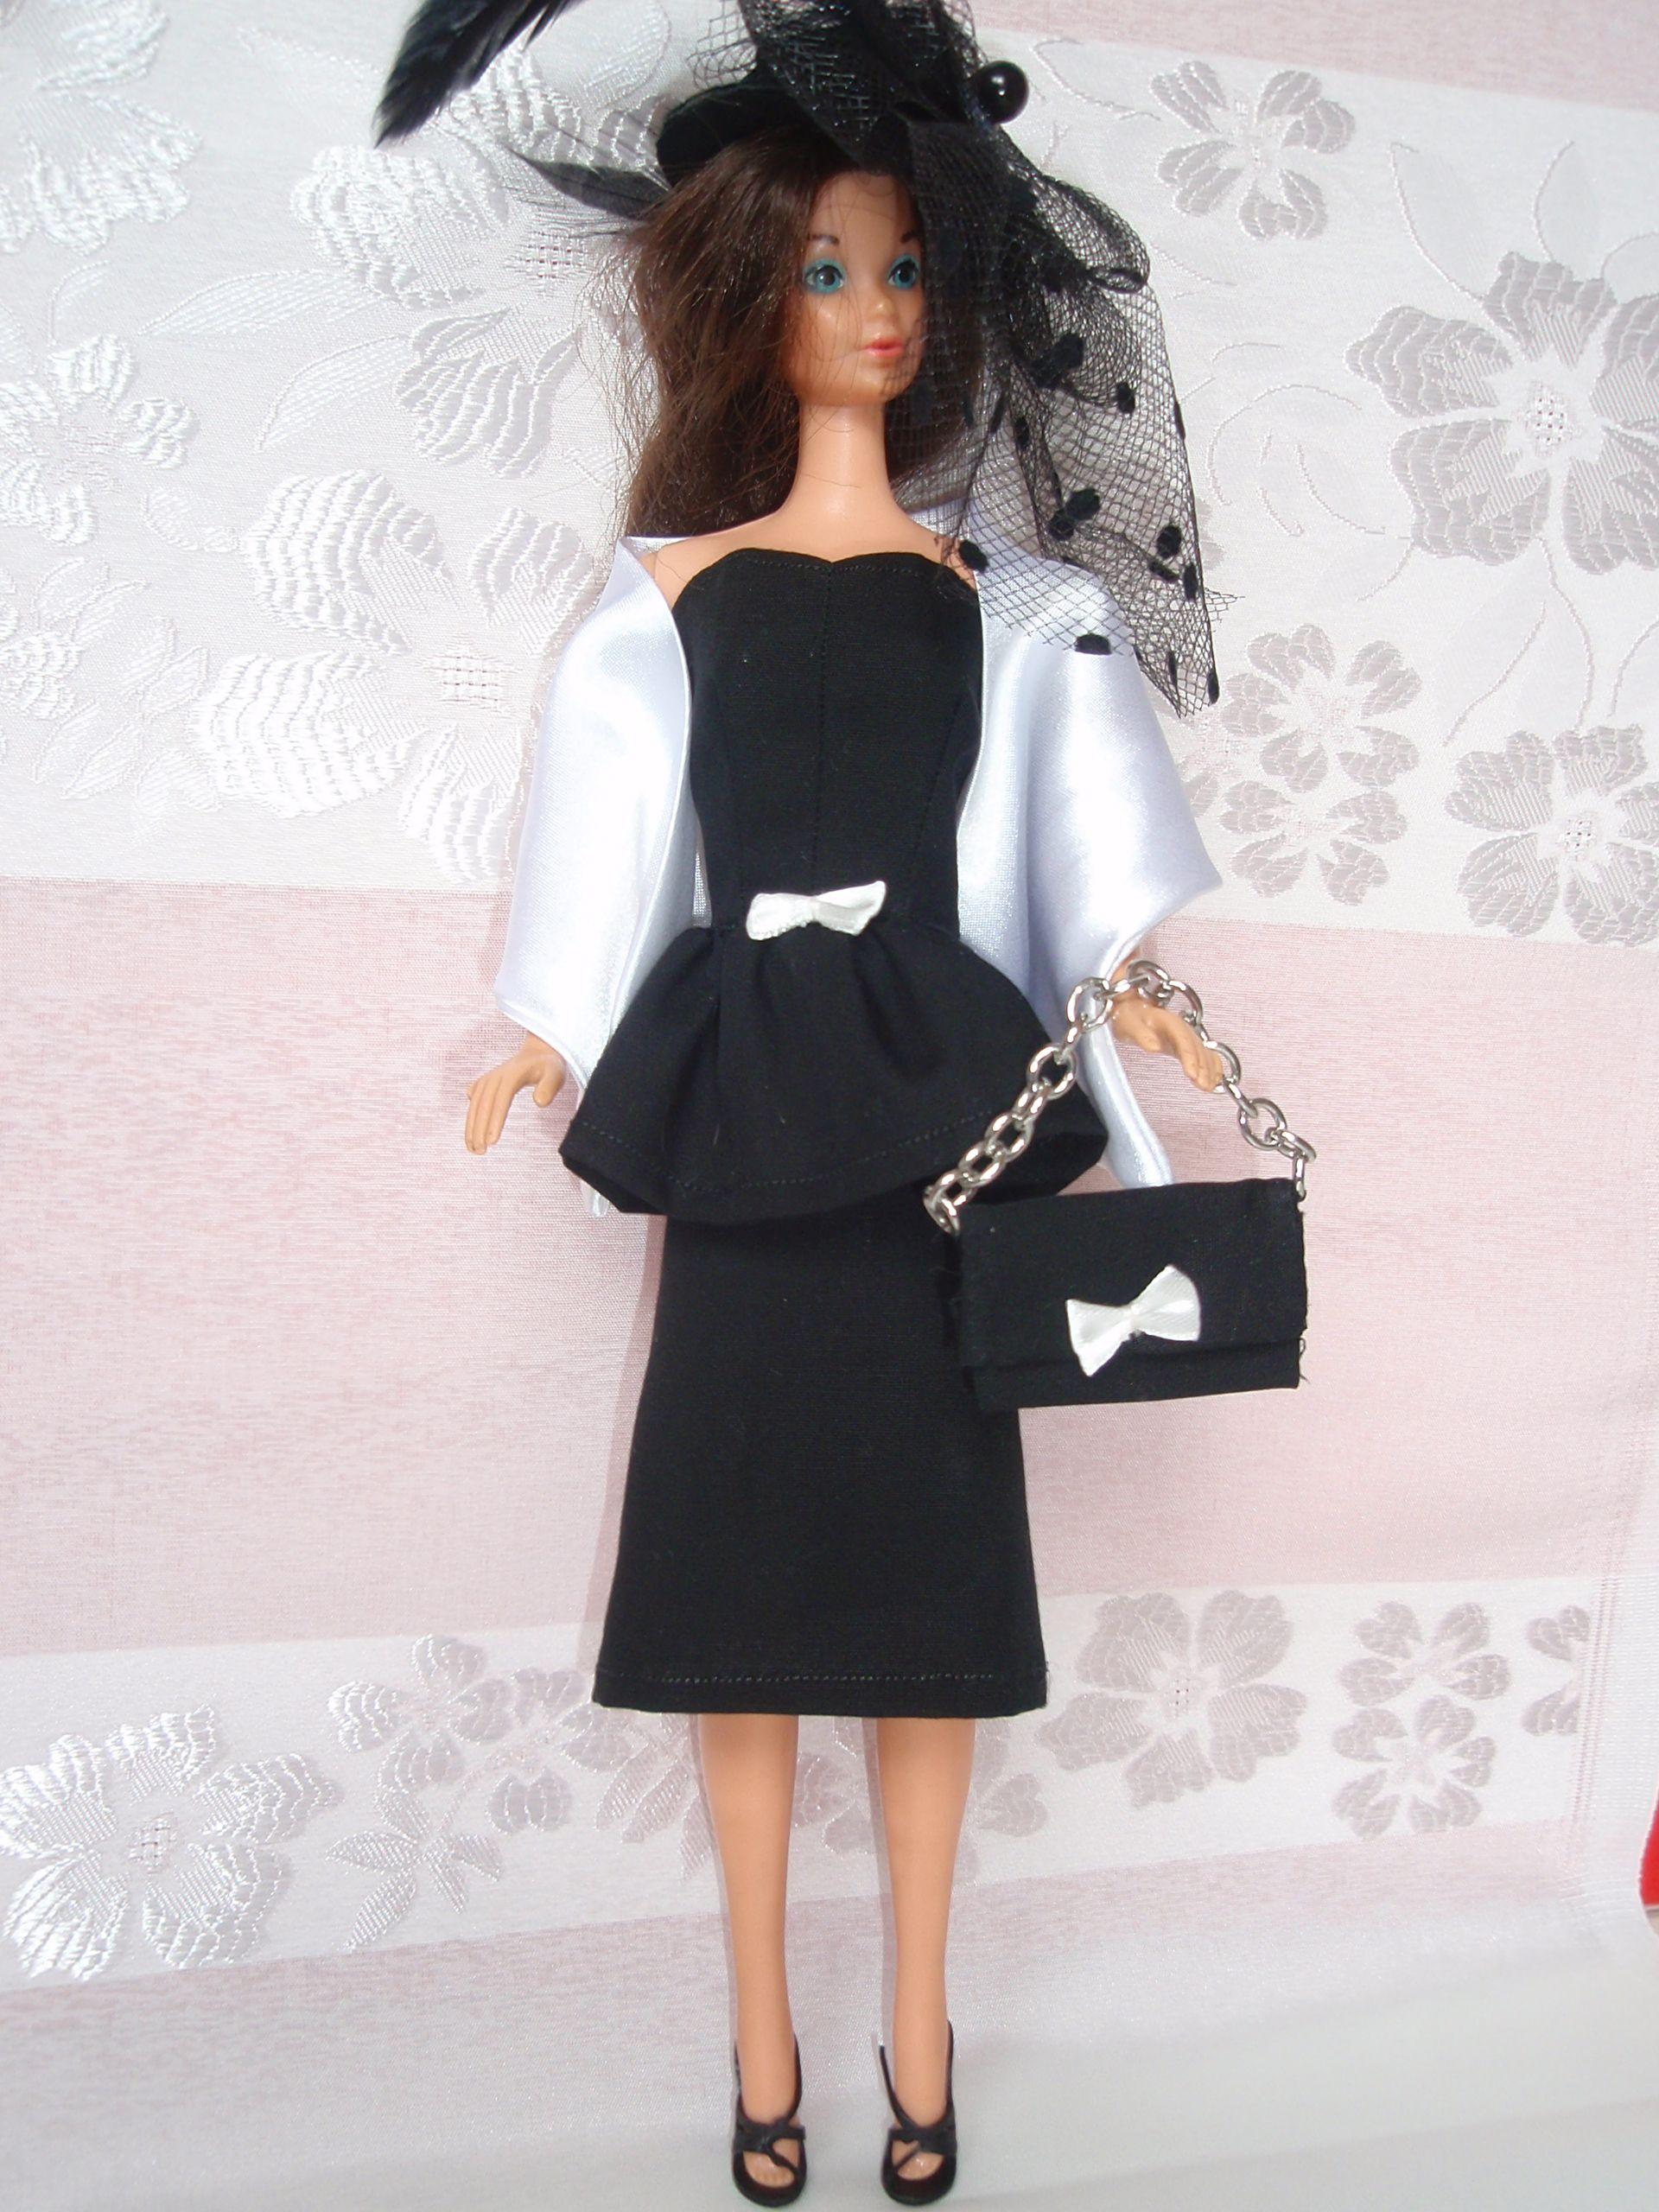 Barbie originale anni '60 con abito e accessori fatti a mano.